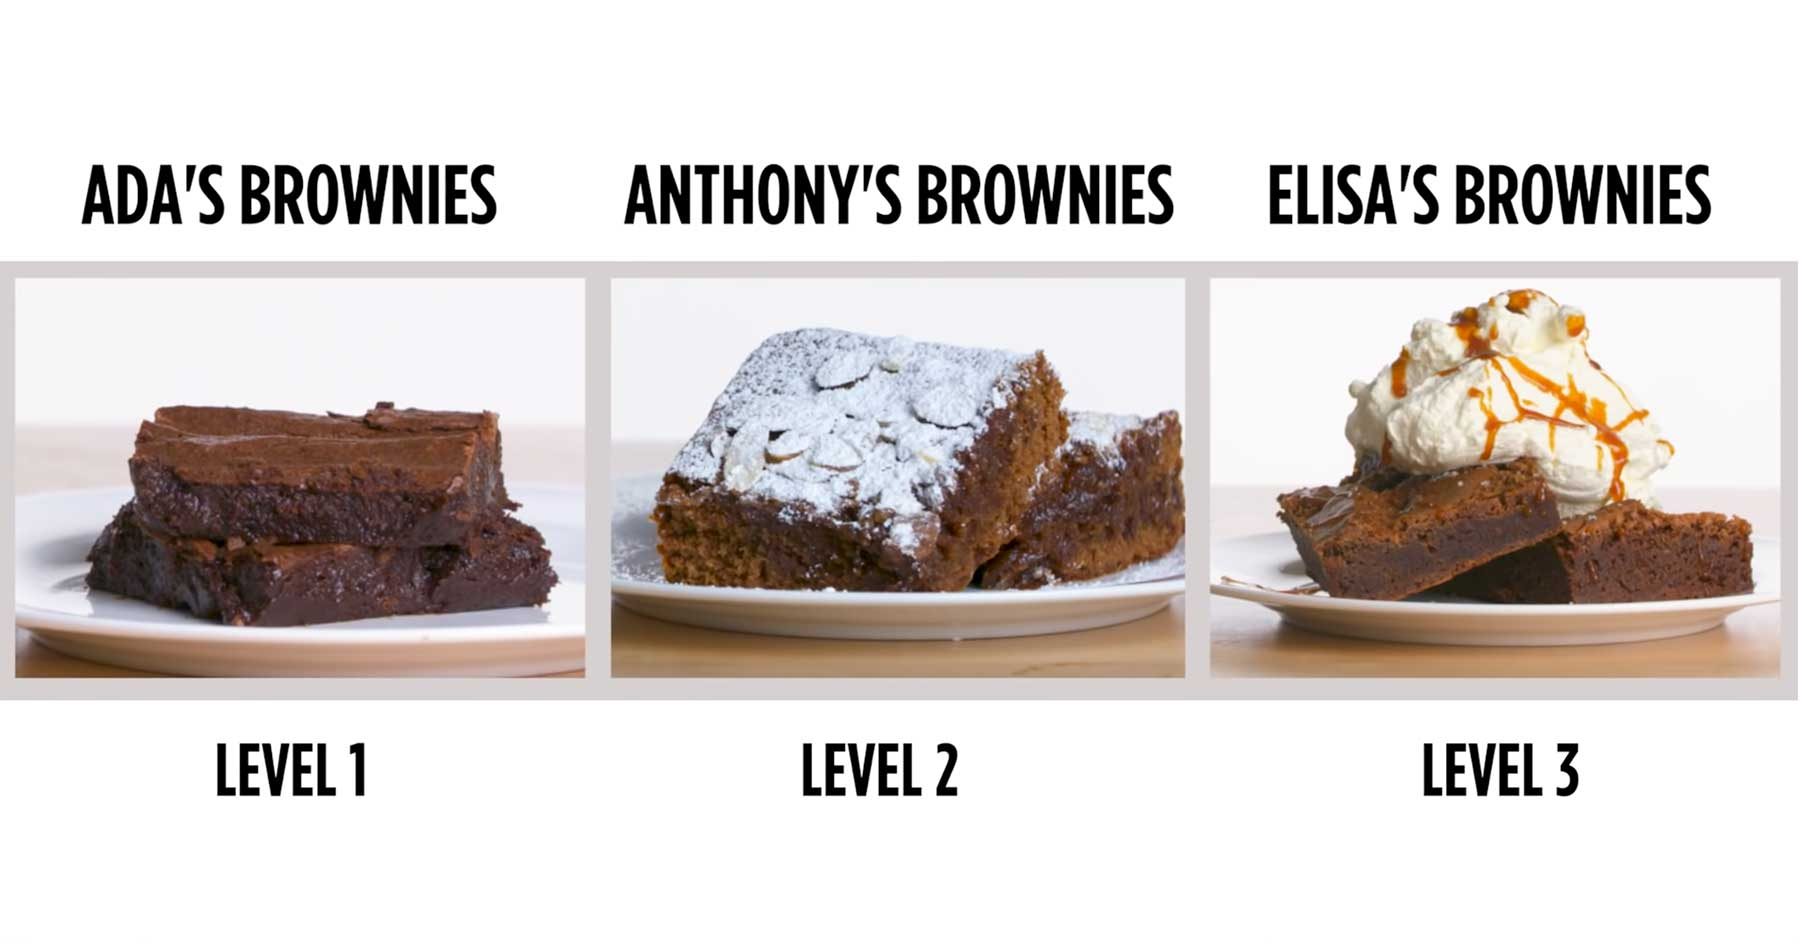 Köche unterschiedlicher Fähigkeitsgrade machen Brownies